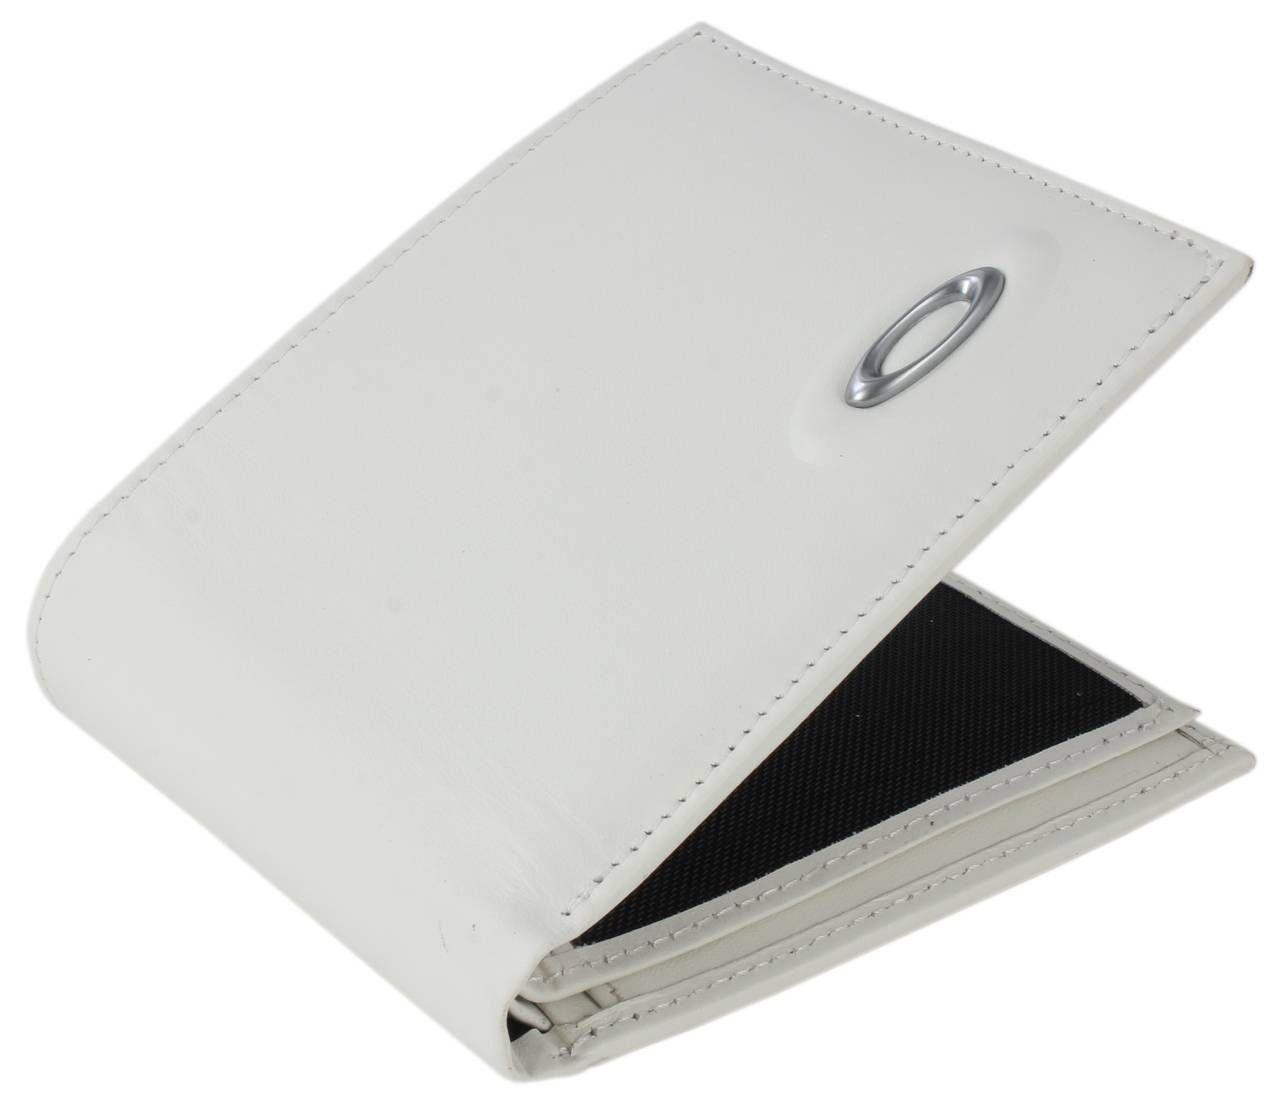 Oakley Wallet - White Leather Wallet #Oakley #Mens #Wallet | Wish ...